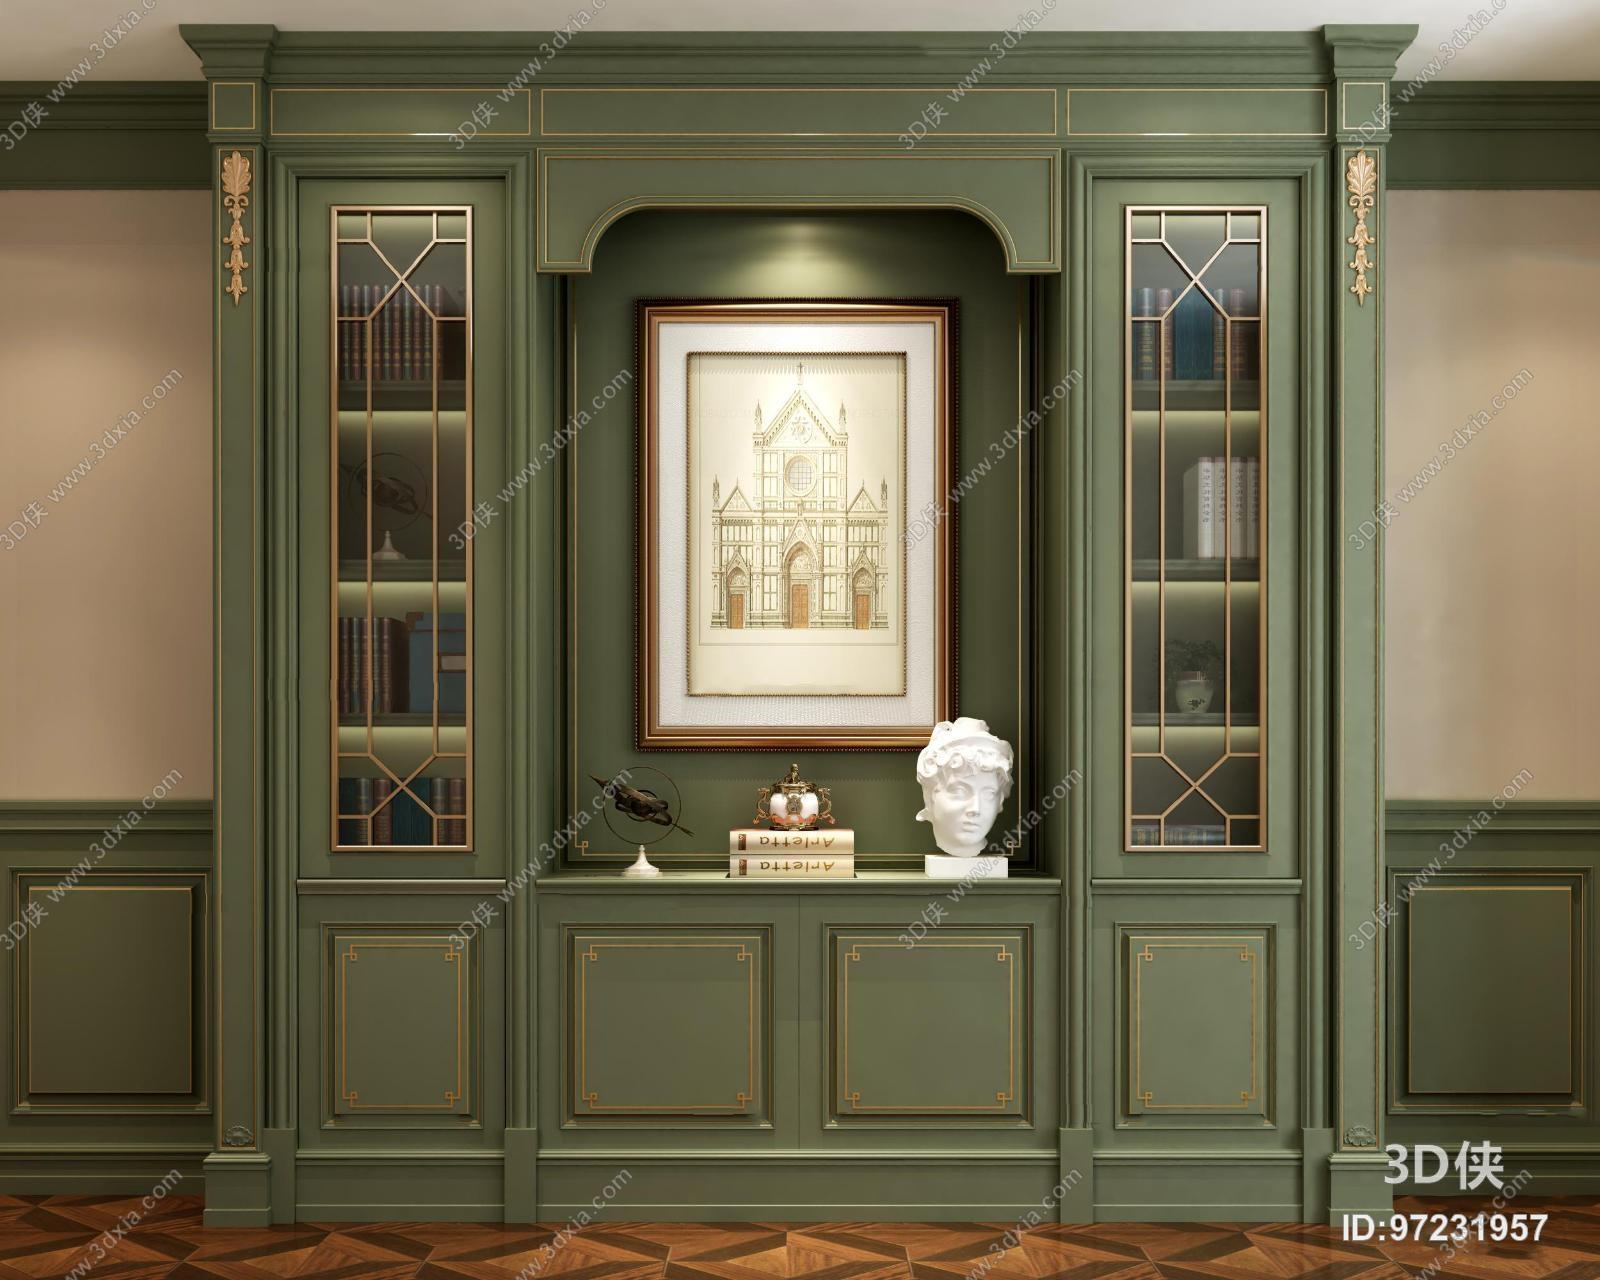 3029浏览数720次下载 3d侠模型网提供精美好看的欧式风格 书柜效果图图片